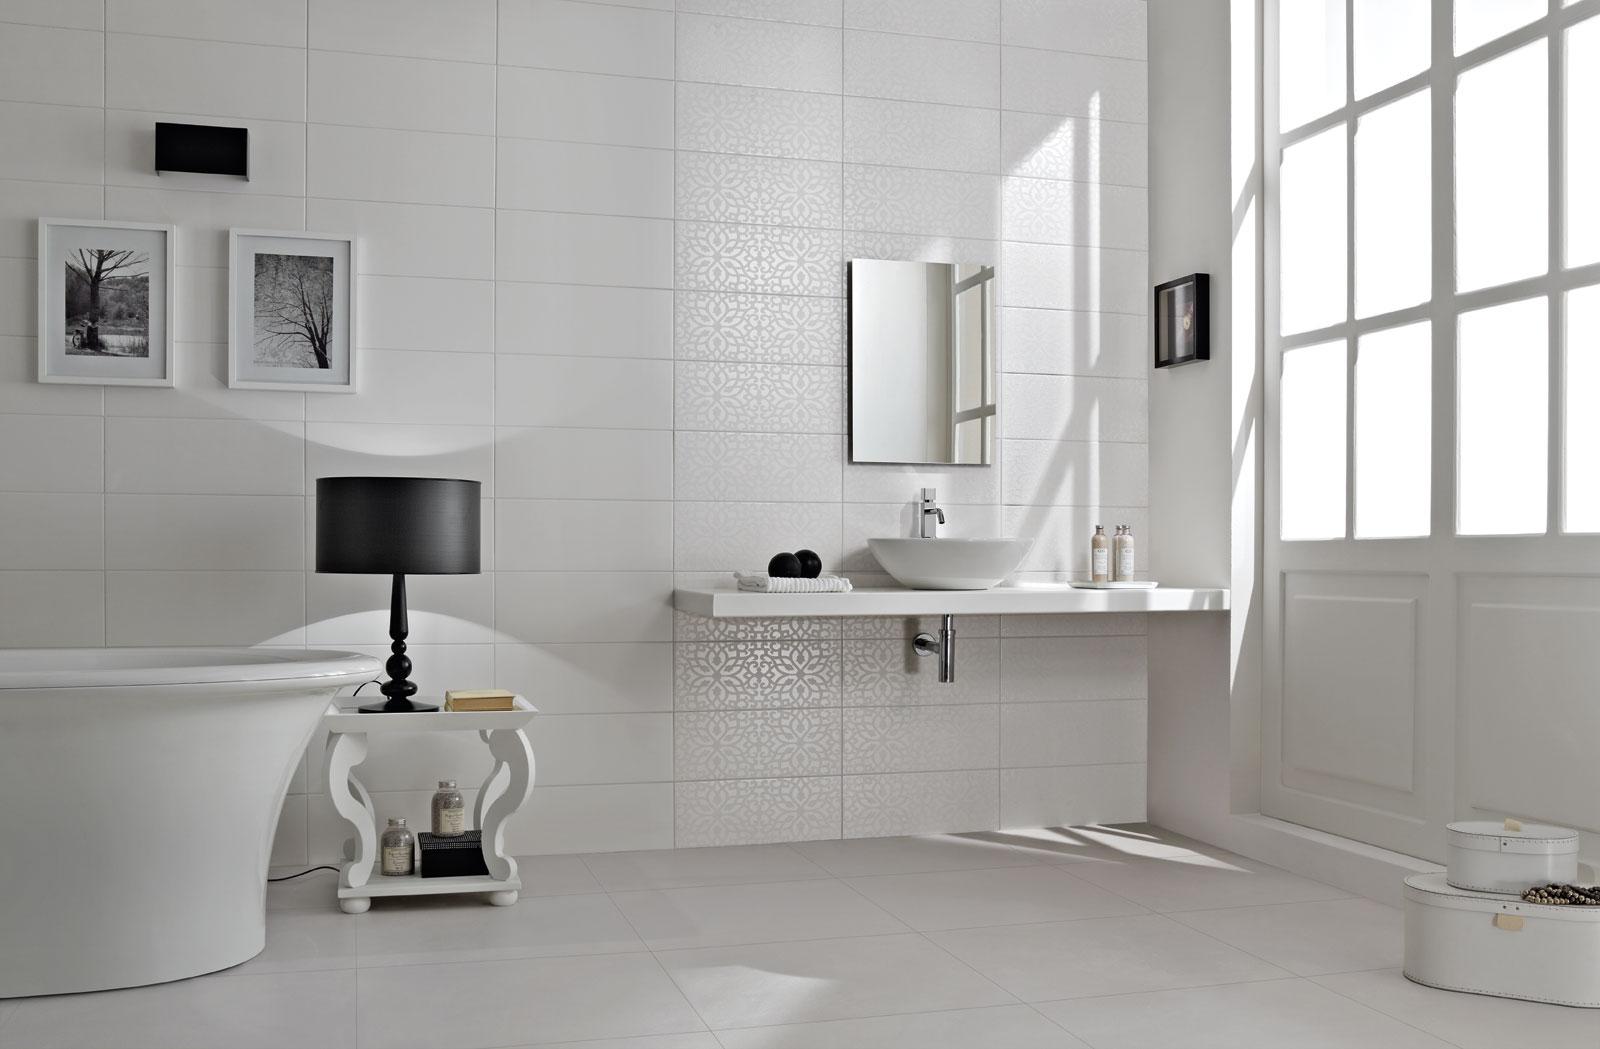 Black white piastrelle per bagno e cucina marazzi for Piastrelle bagno parquet